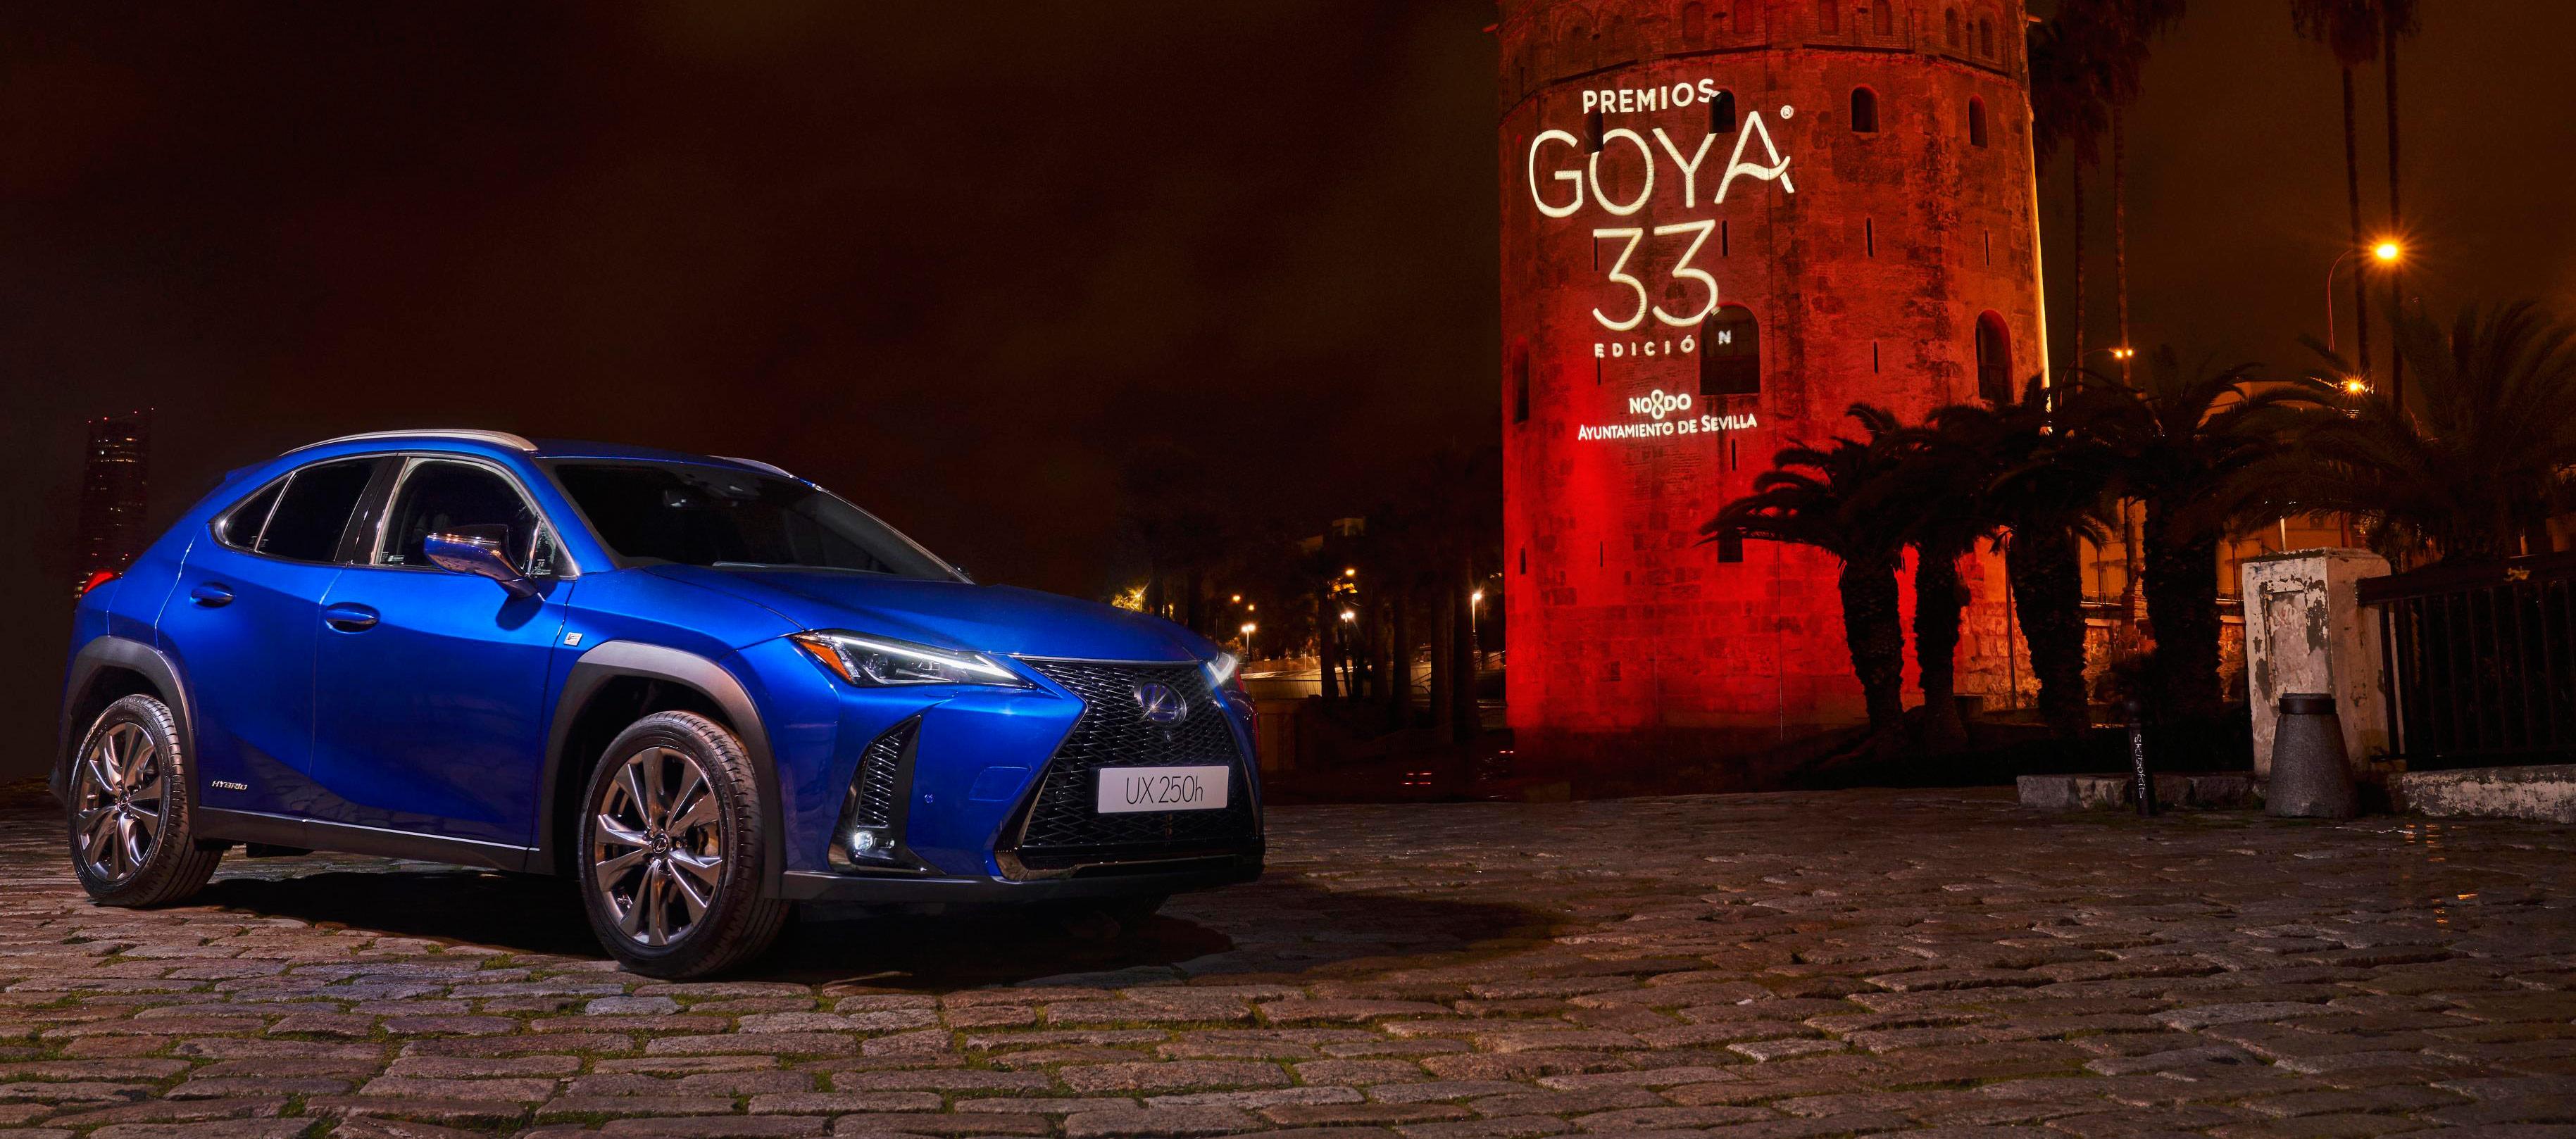 Lexus vehículo oficial de los Premios Goya 2019